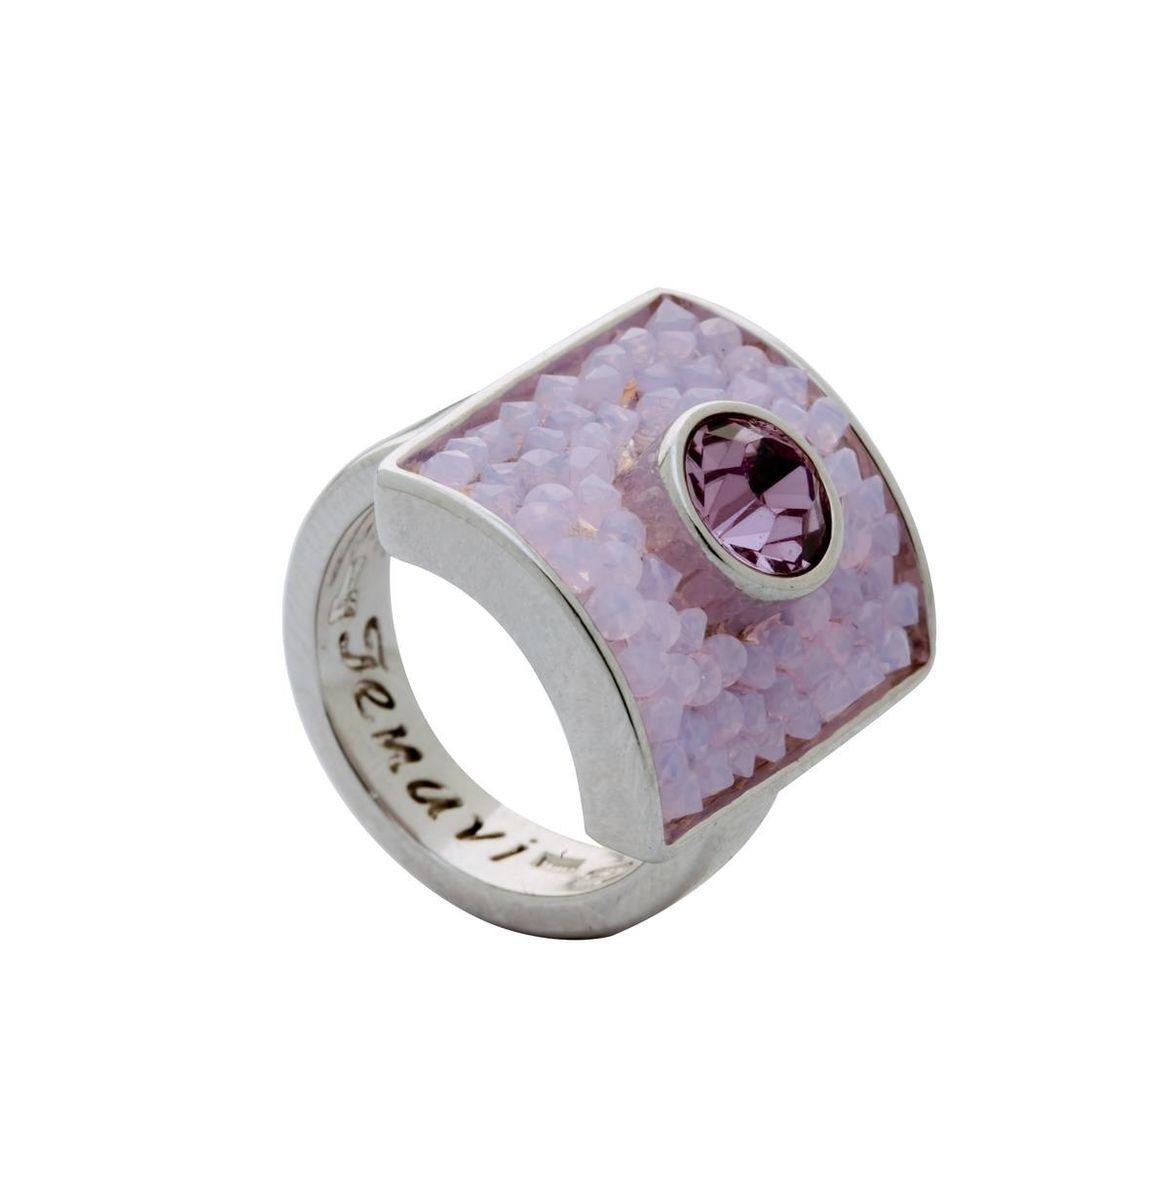 Кольцо Jenavi Майлон, цвет: серебряный, розовый. j938f010. Размер 16j938f010Элегантное кольцо Jenavi Майлон выполнено из гипоаллергенного ювелирного сплава и оформлено кристаллами Swarovski. Стильное кольцо придаст вашему образу изюминку, подчеркнет индивидуальность.